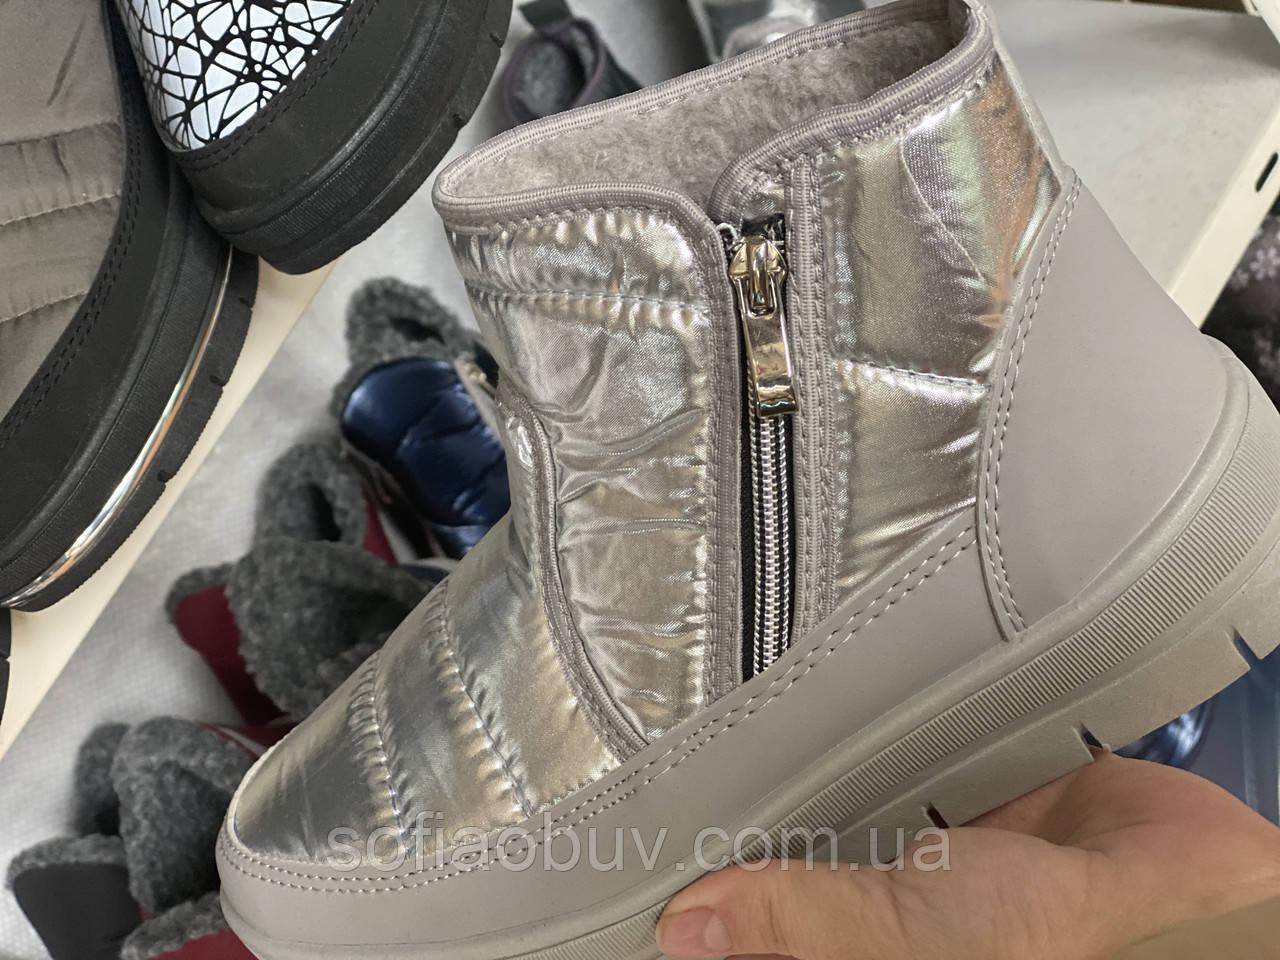 Ботинки зимние женские Кредо, опт.